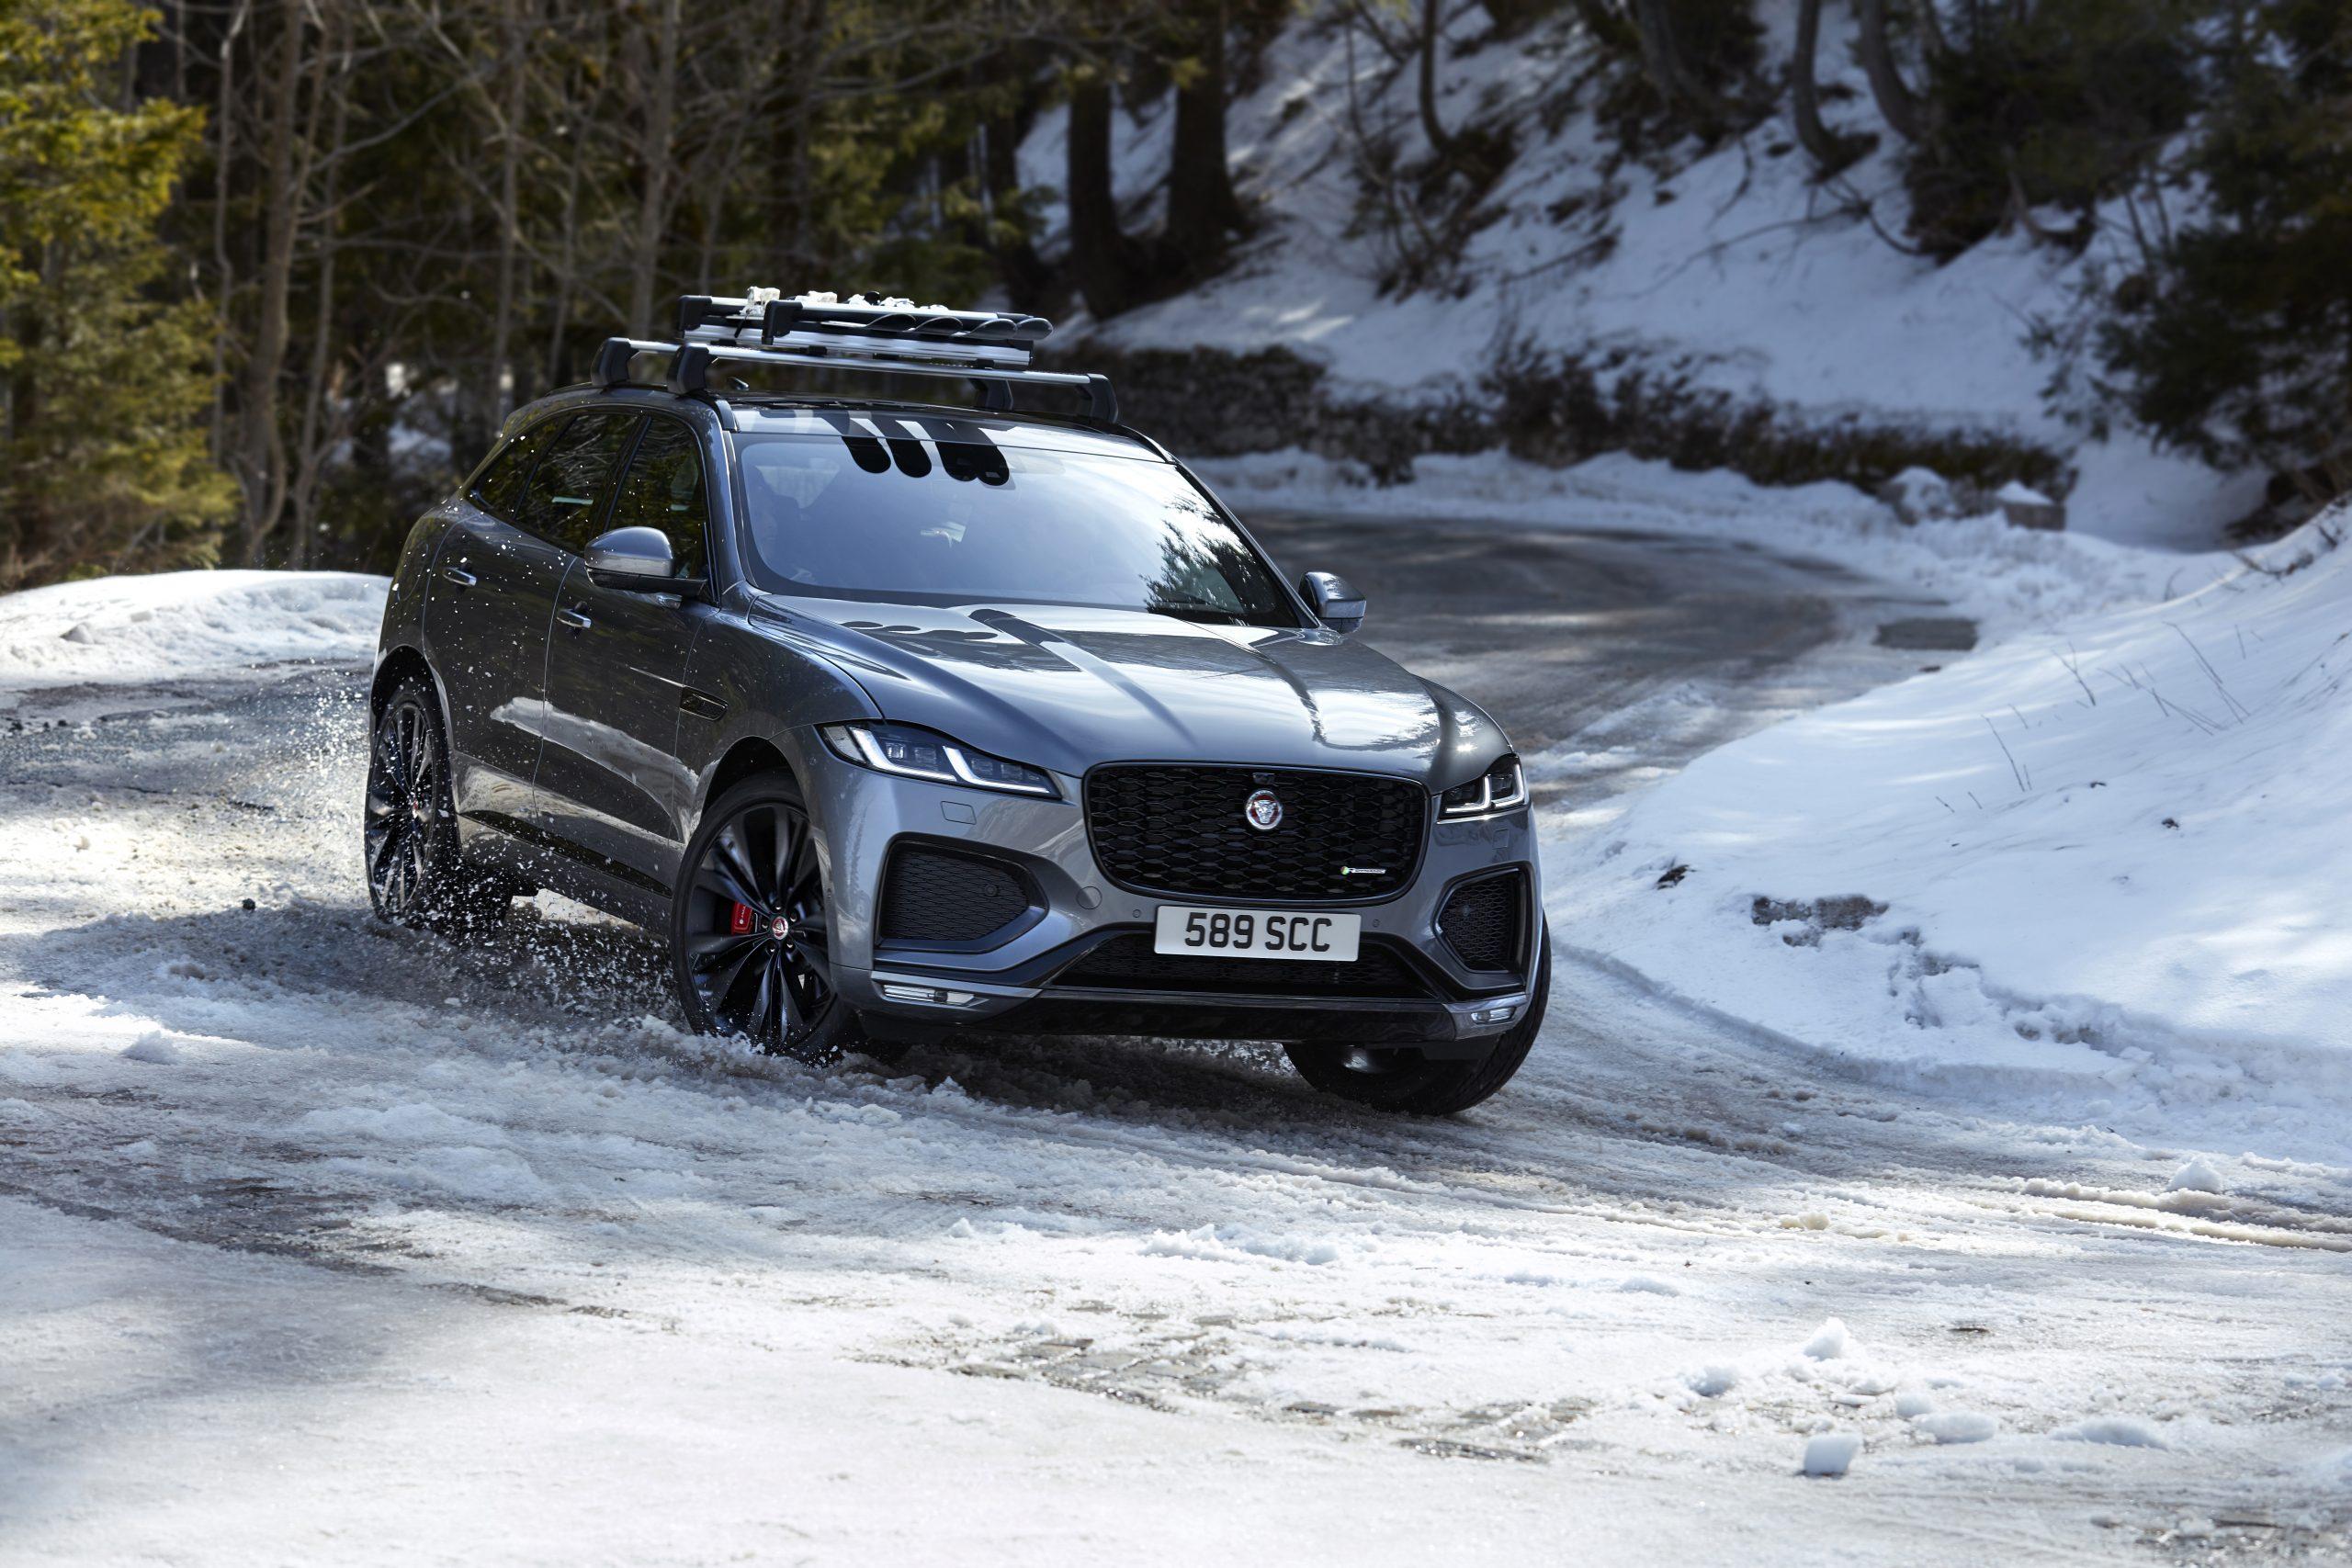 2021 Jaguar F-PACE exterior snow